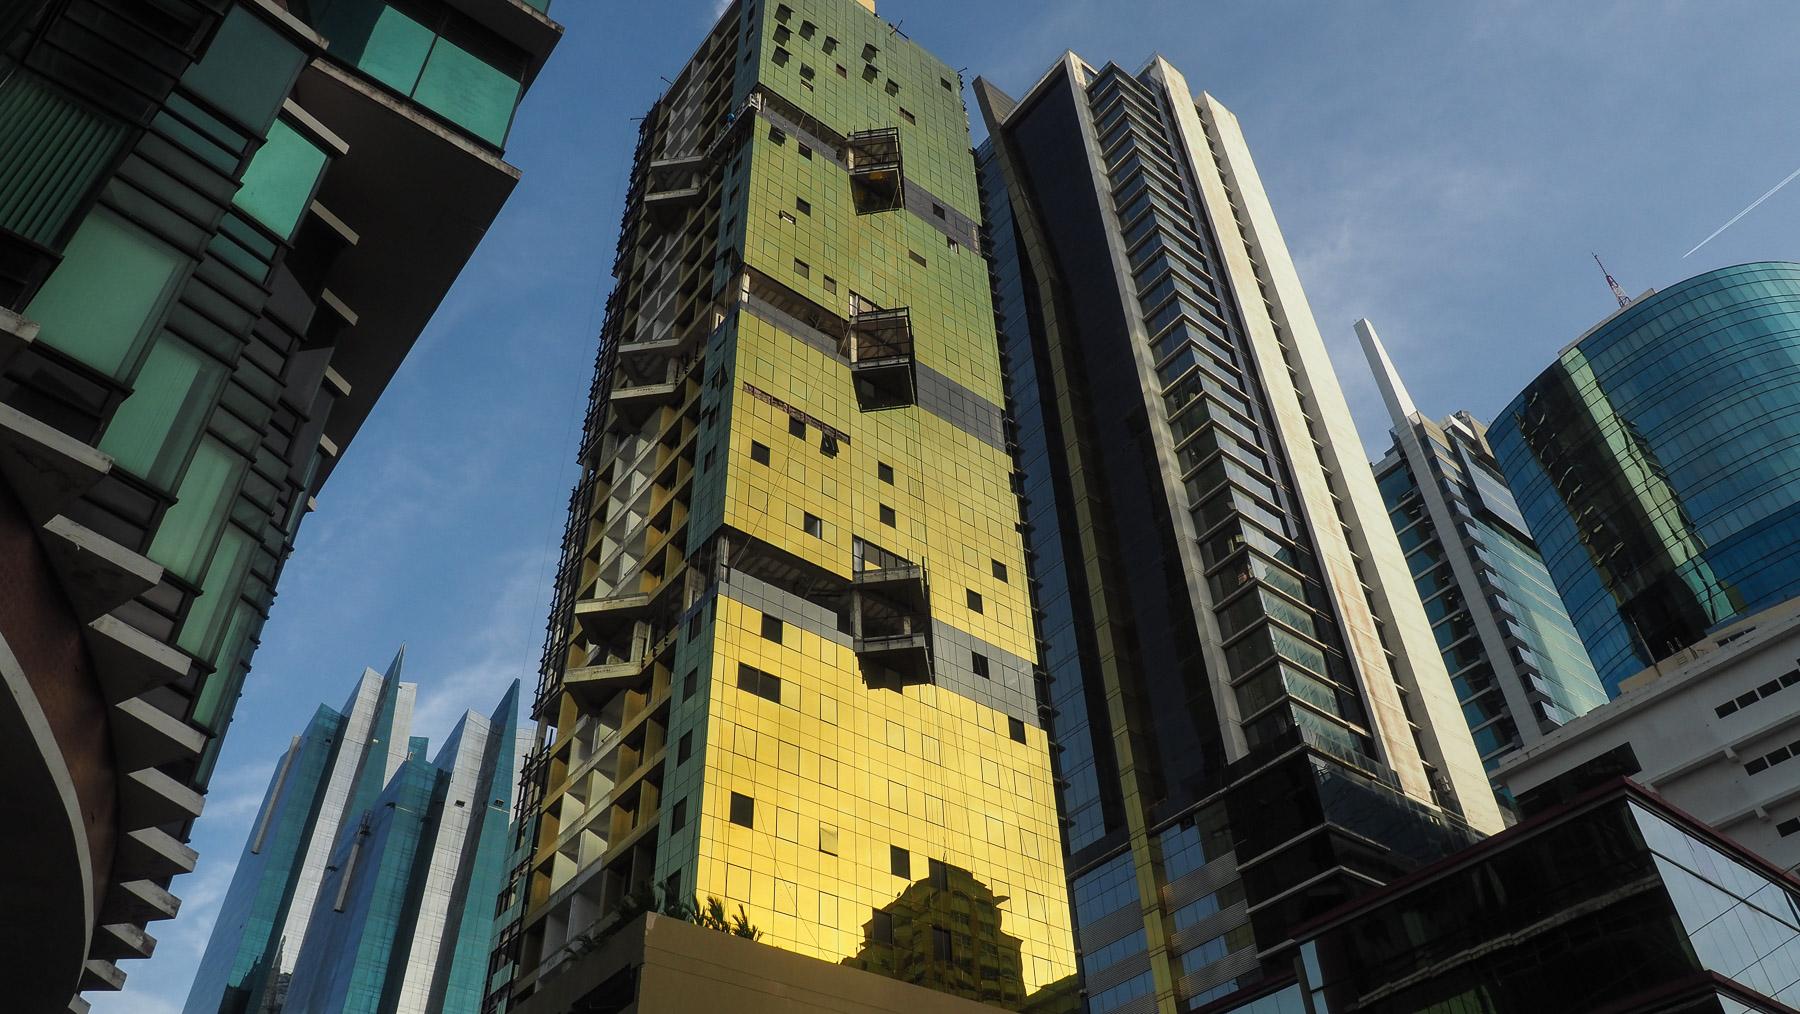 22 Wolkenkratzer sind über 200 Meter hoch